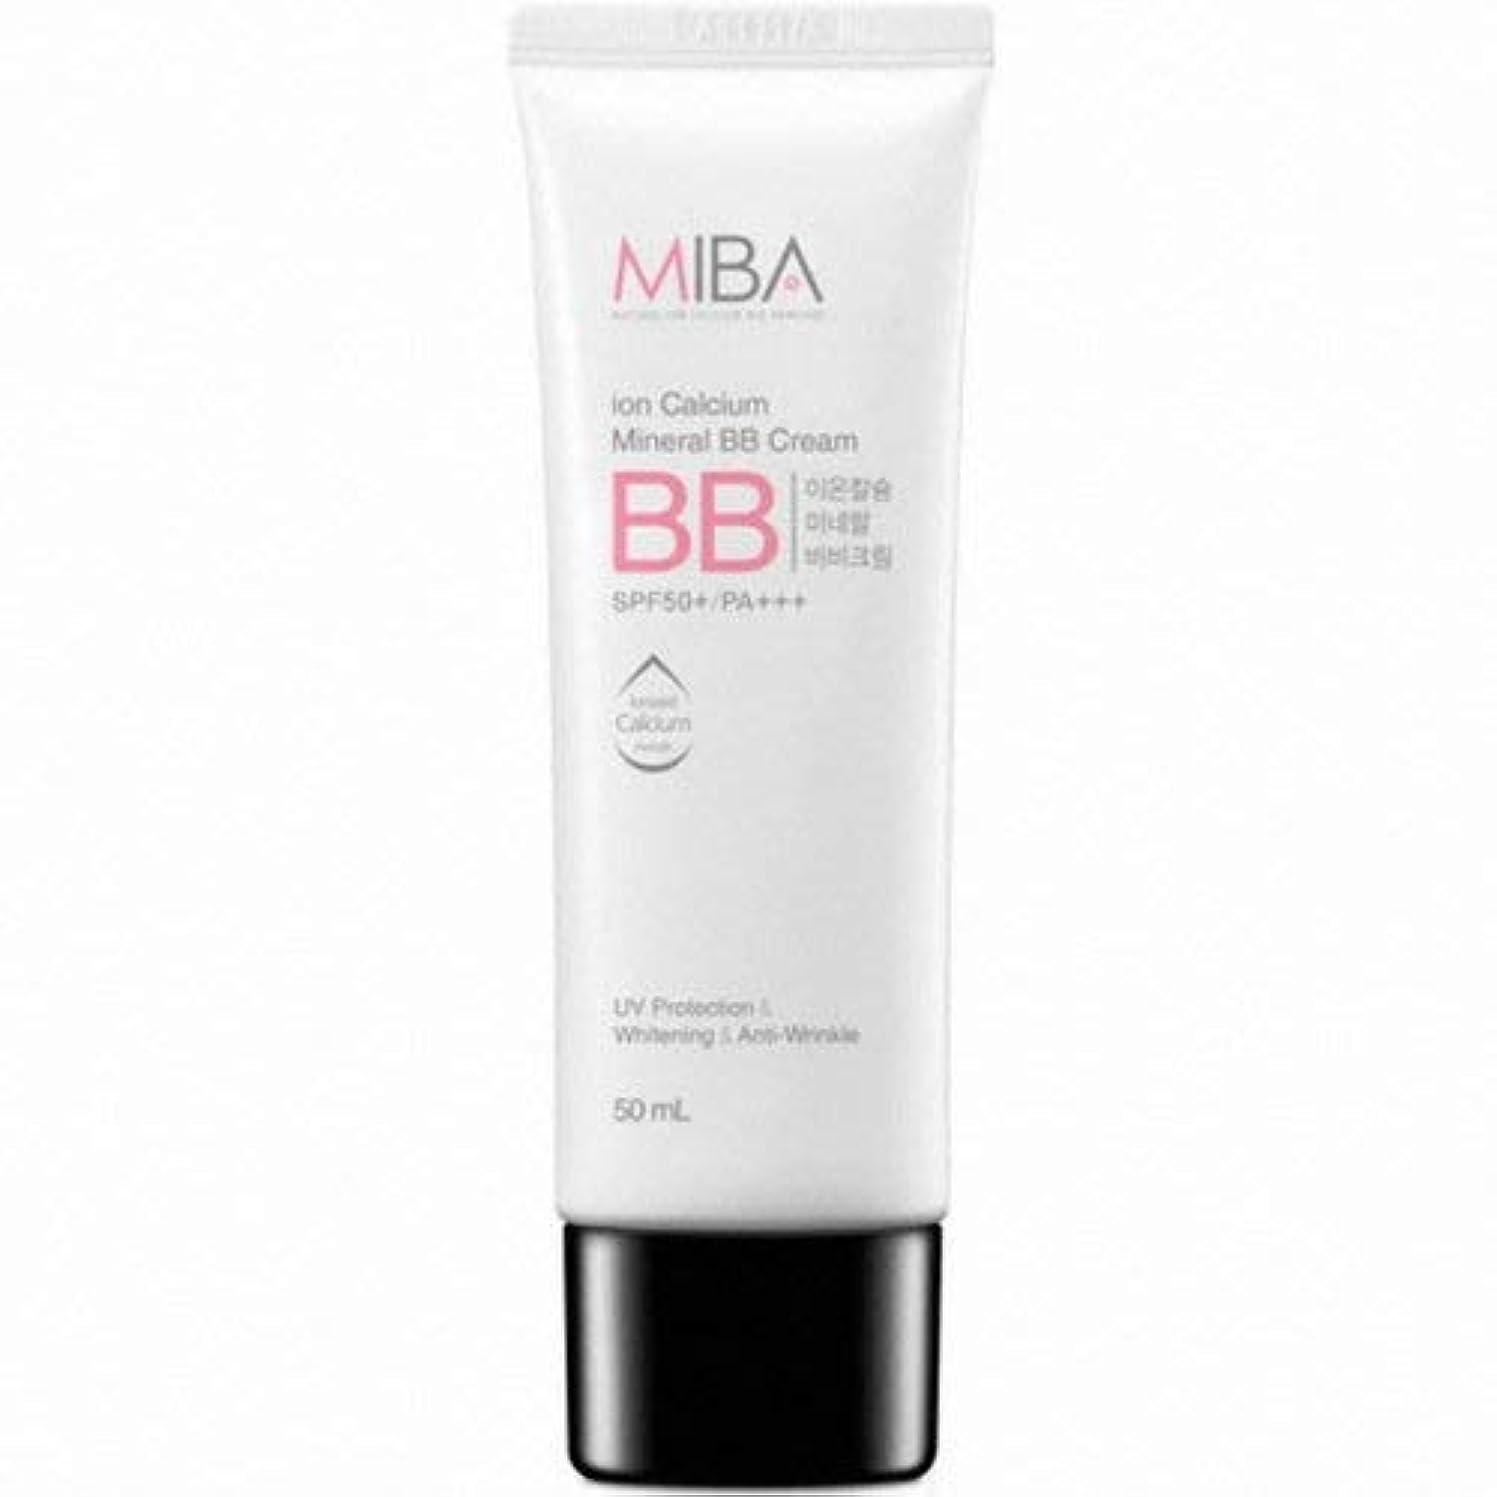 服を着る事務所近傍MINERALBIO ミバ イオン カルシウム ミネラル ビビクリーム/MIBA Ion Calcium Mineral BB Cream (50ml) [並行輸入品]